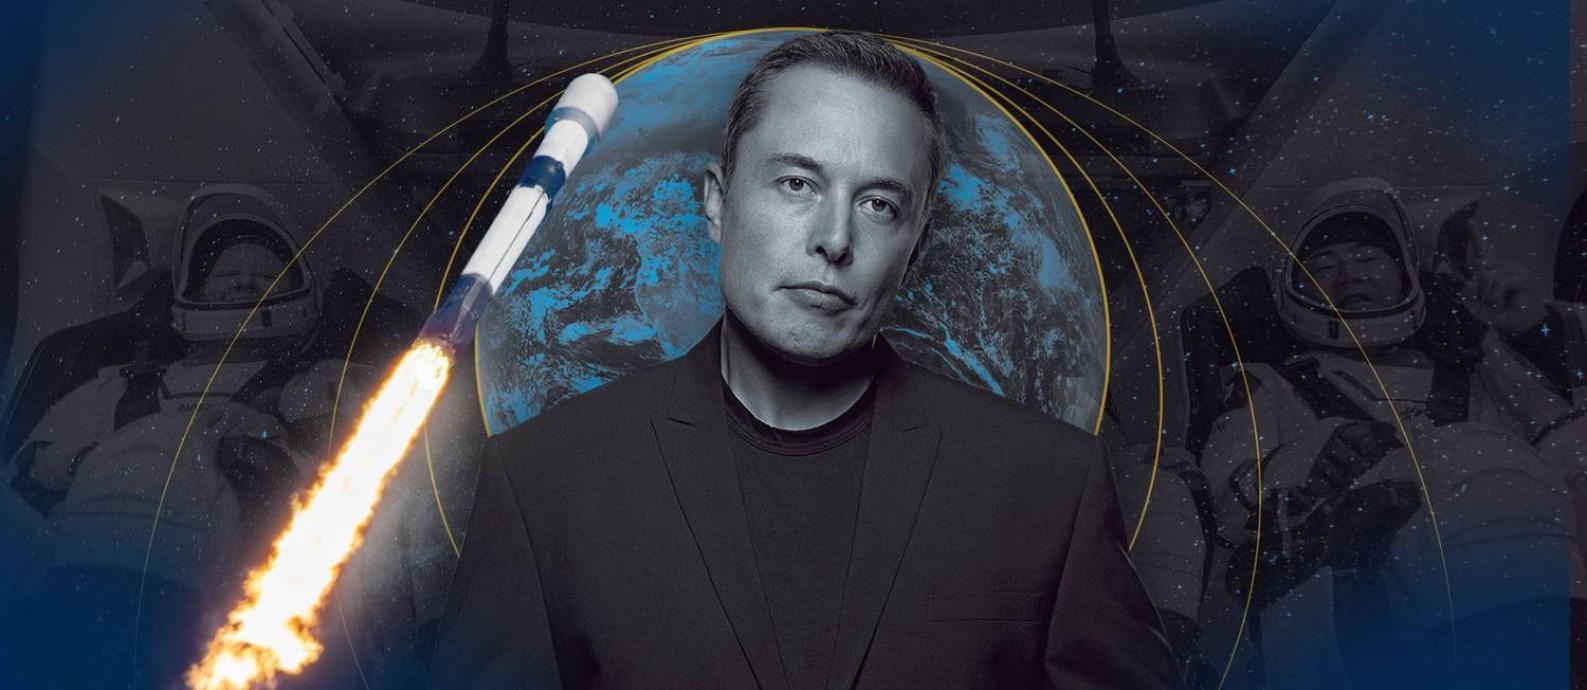 O bilionário sul-africano Elon Musk, fundador da Tesla e da SpaceX Foto: Editoria de Arte